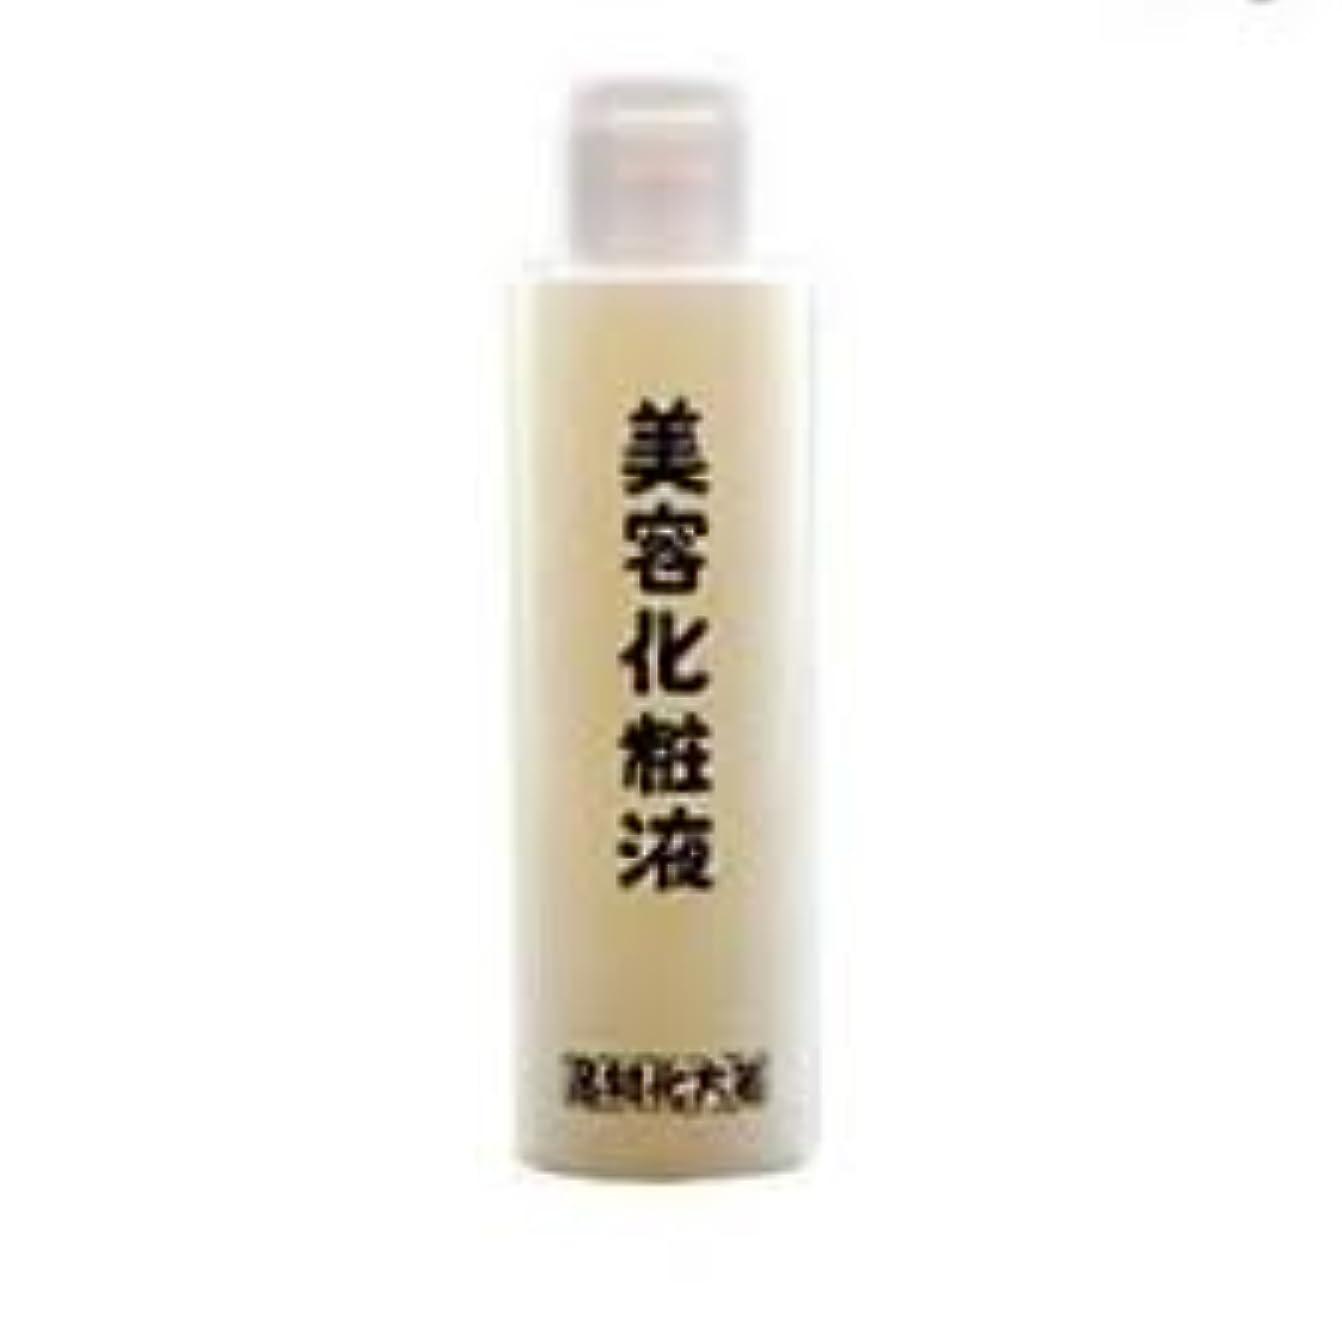 ピクニック教育するチャールズキージング箸方化粧品 美容化粧液 化粧水 120ml はしかた化粧品